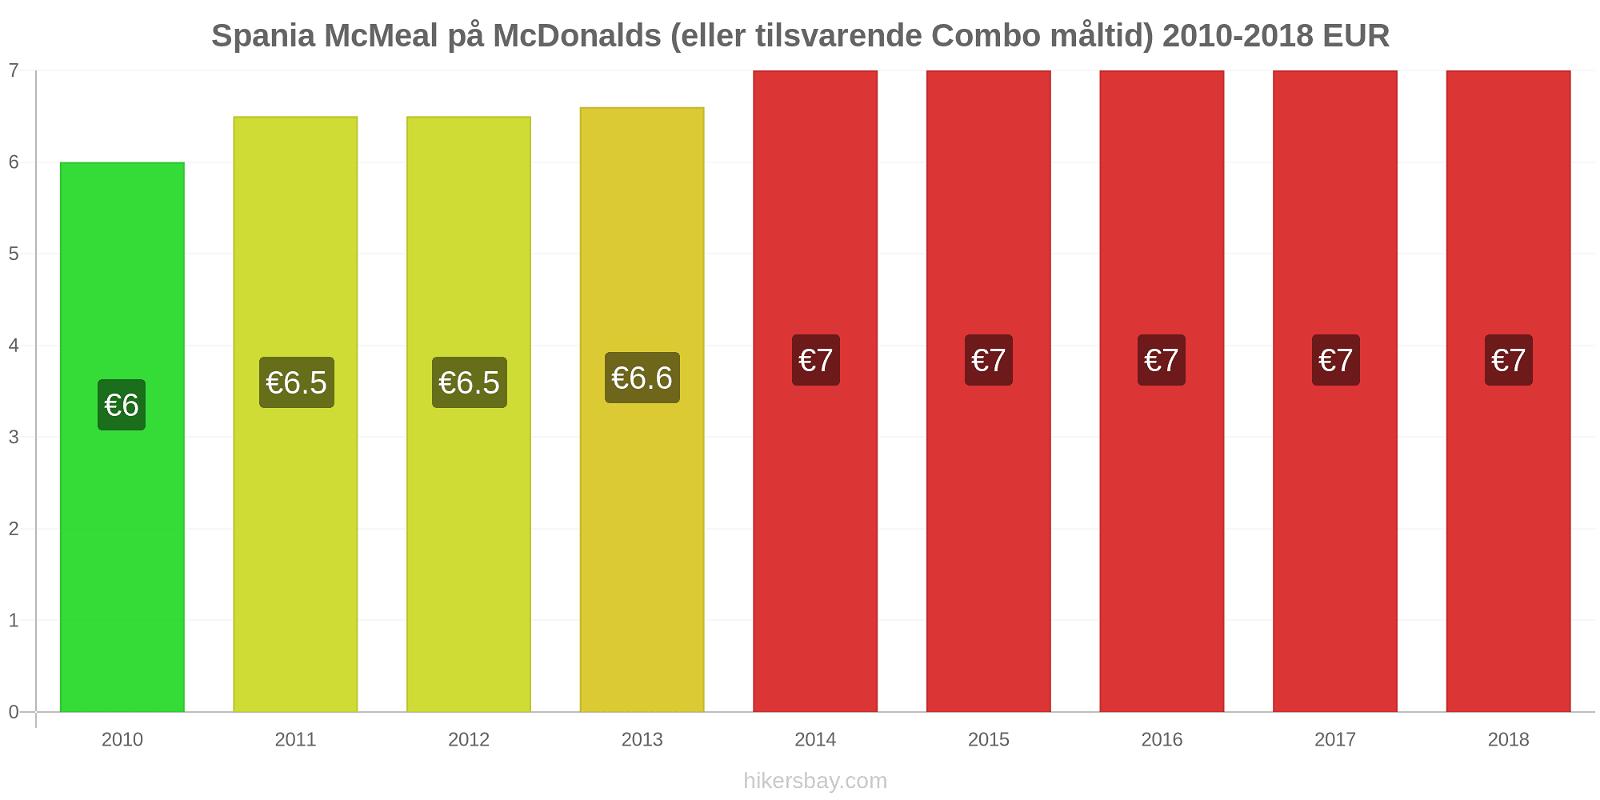 Spania prisendringer McMeal på McDonalds (eller tilsvarende Combo måltid) hikersbay.com